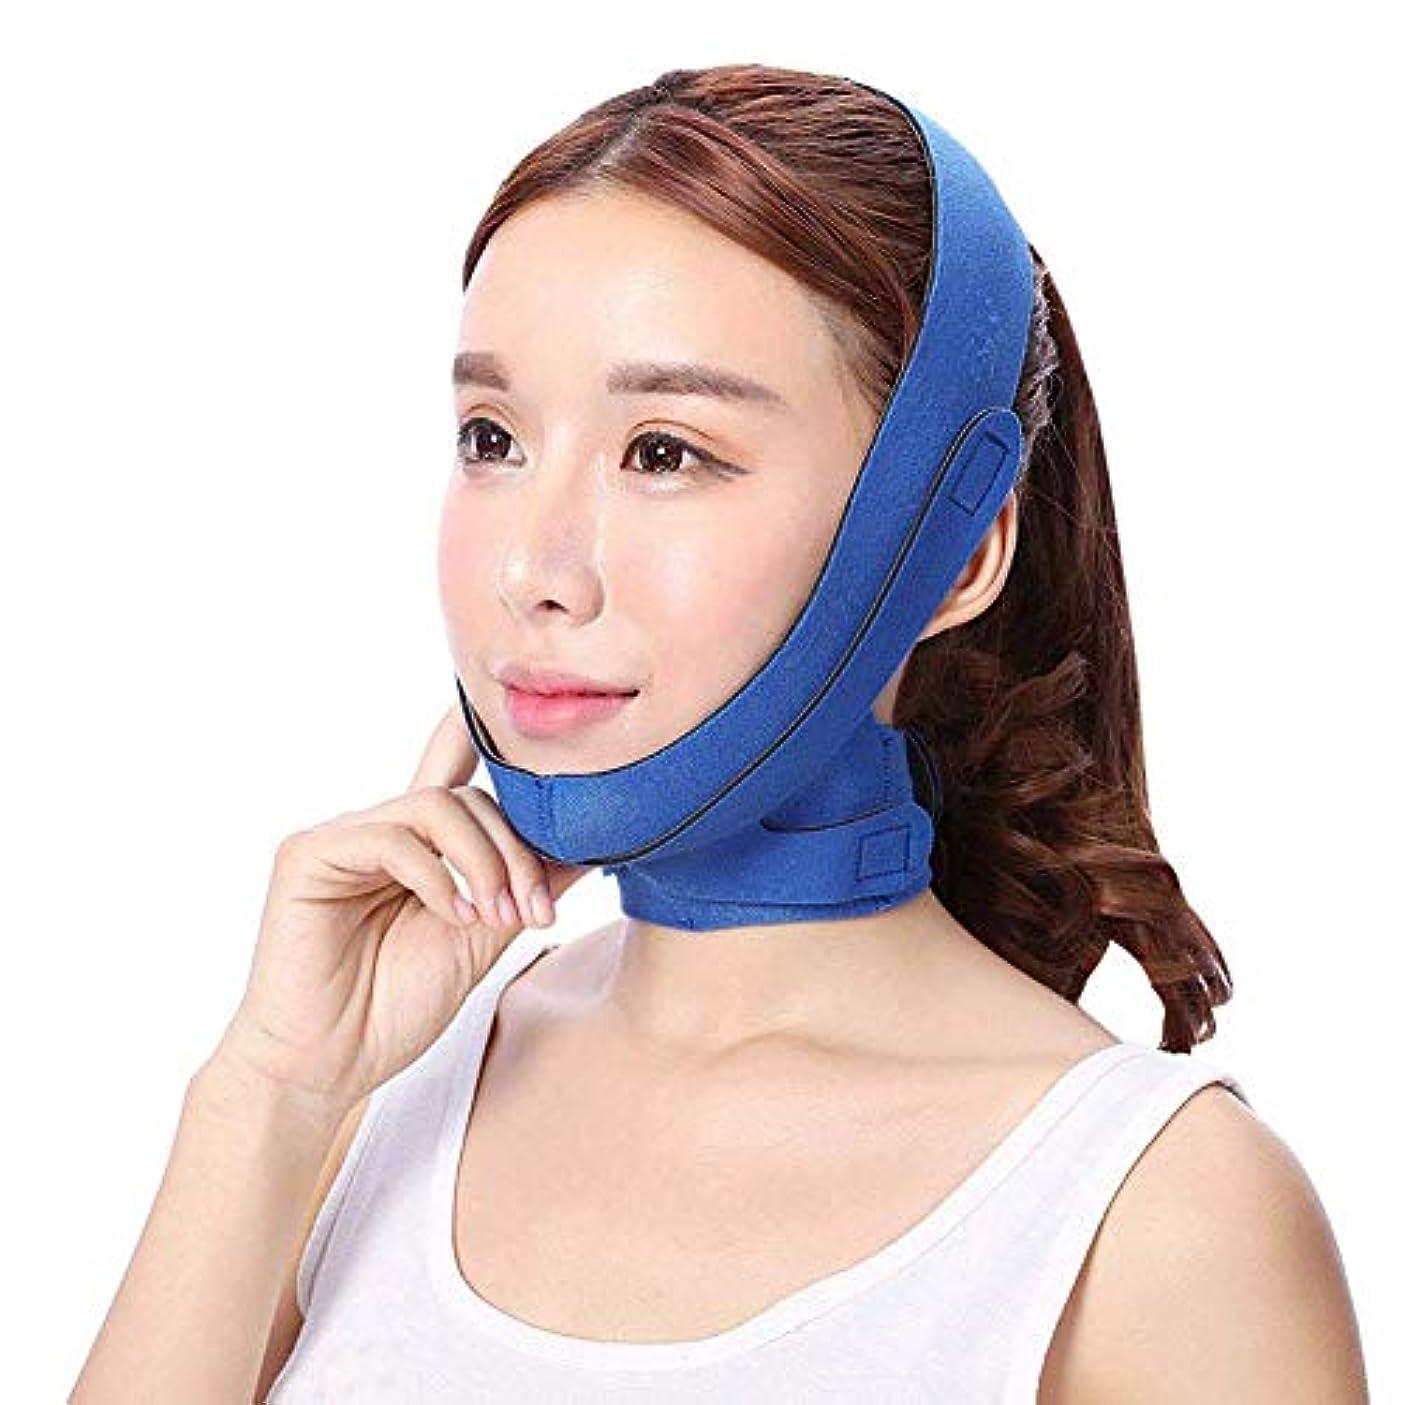 原理トーン百年フェイスリフティング包帯、薄いフェイスマスクVベルト/痩身包帯あご口腔マスク赤面